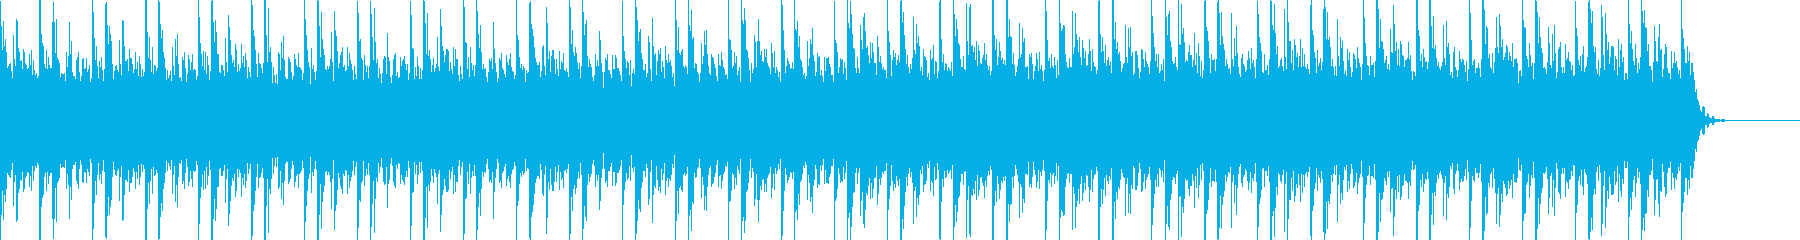 実用的な緊迫感のあるシンセBGM6の再生済みの波形